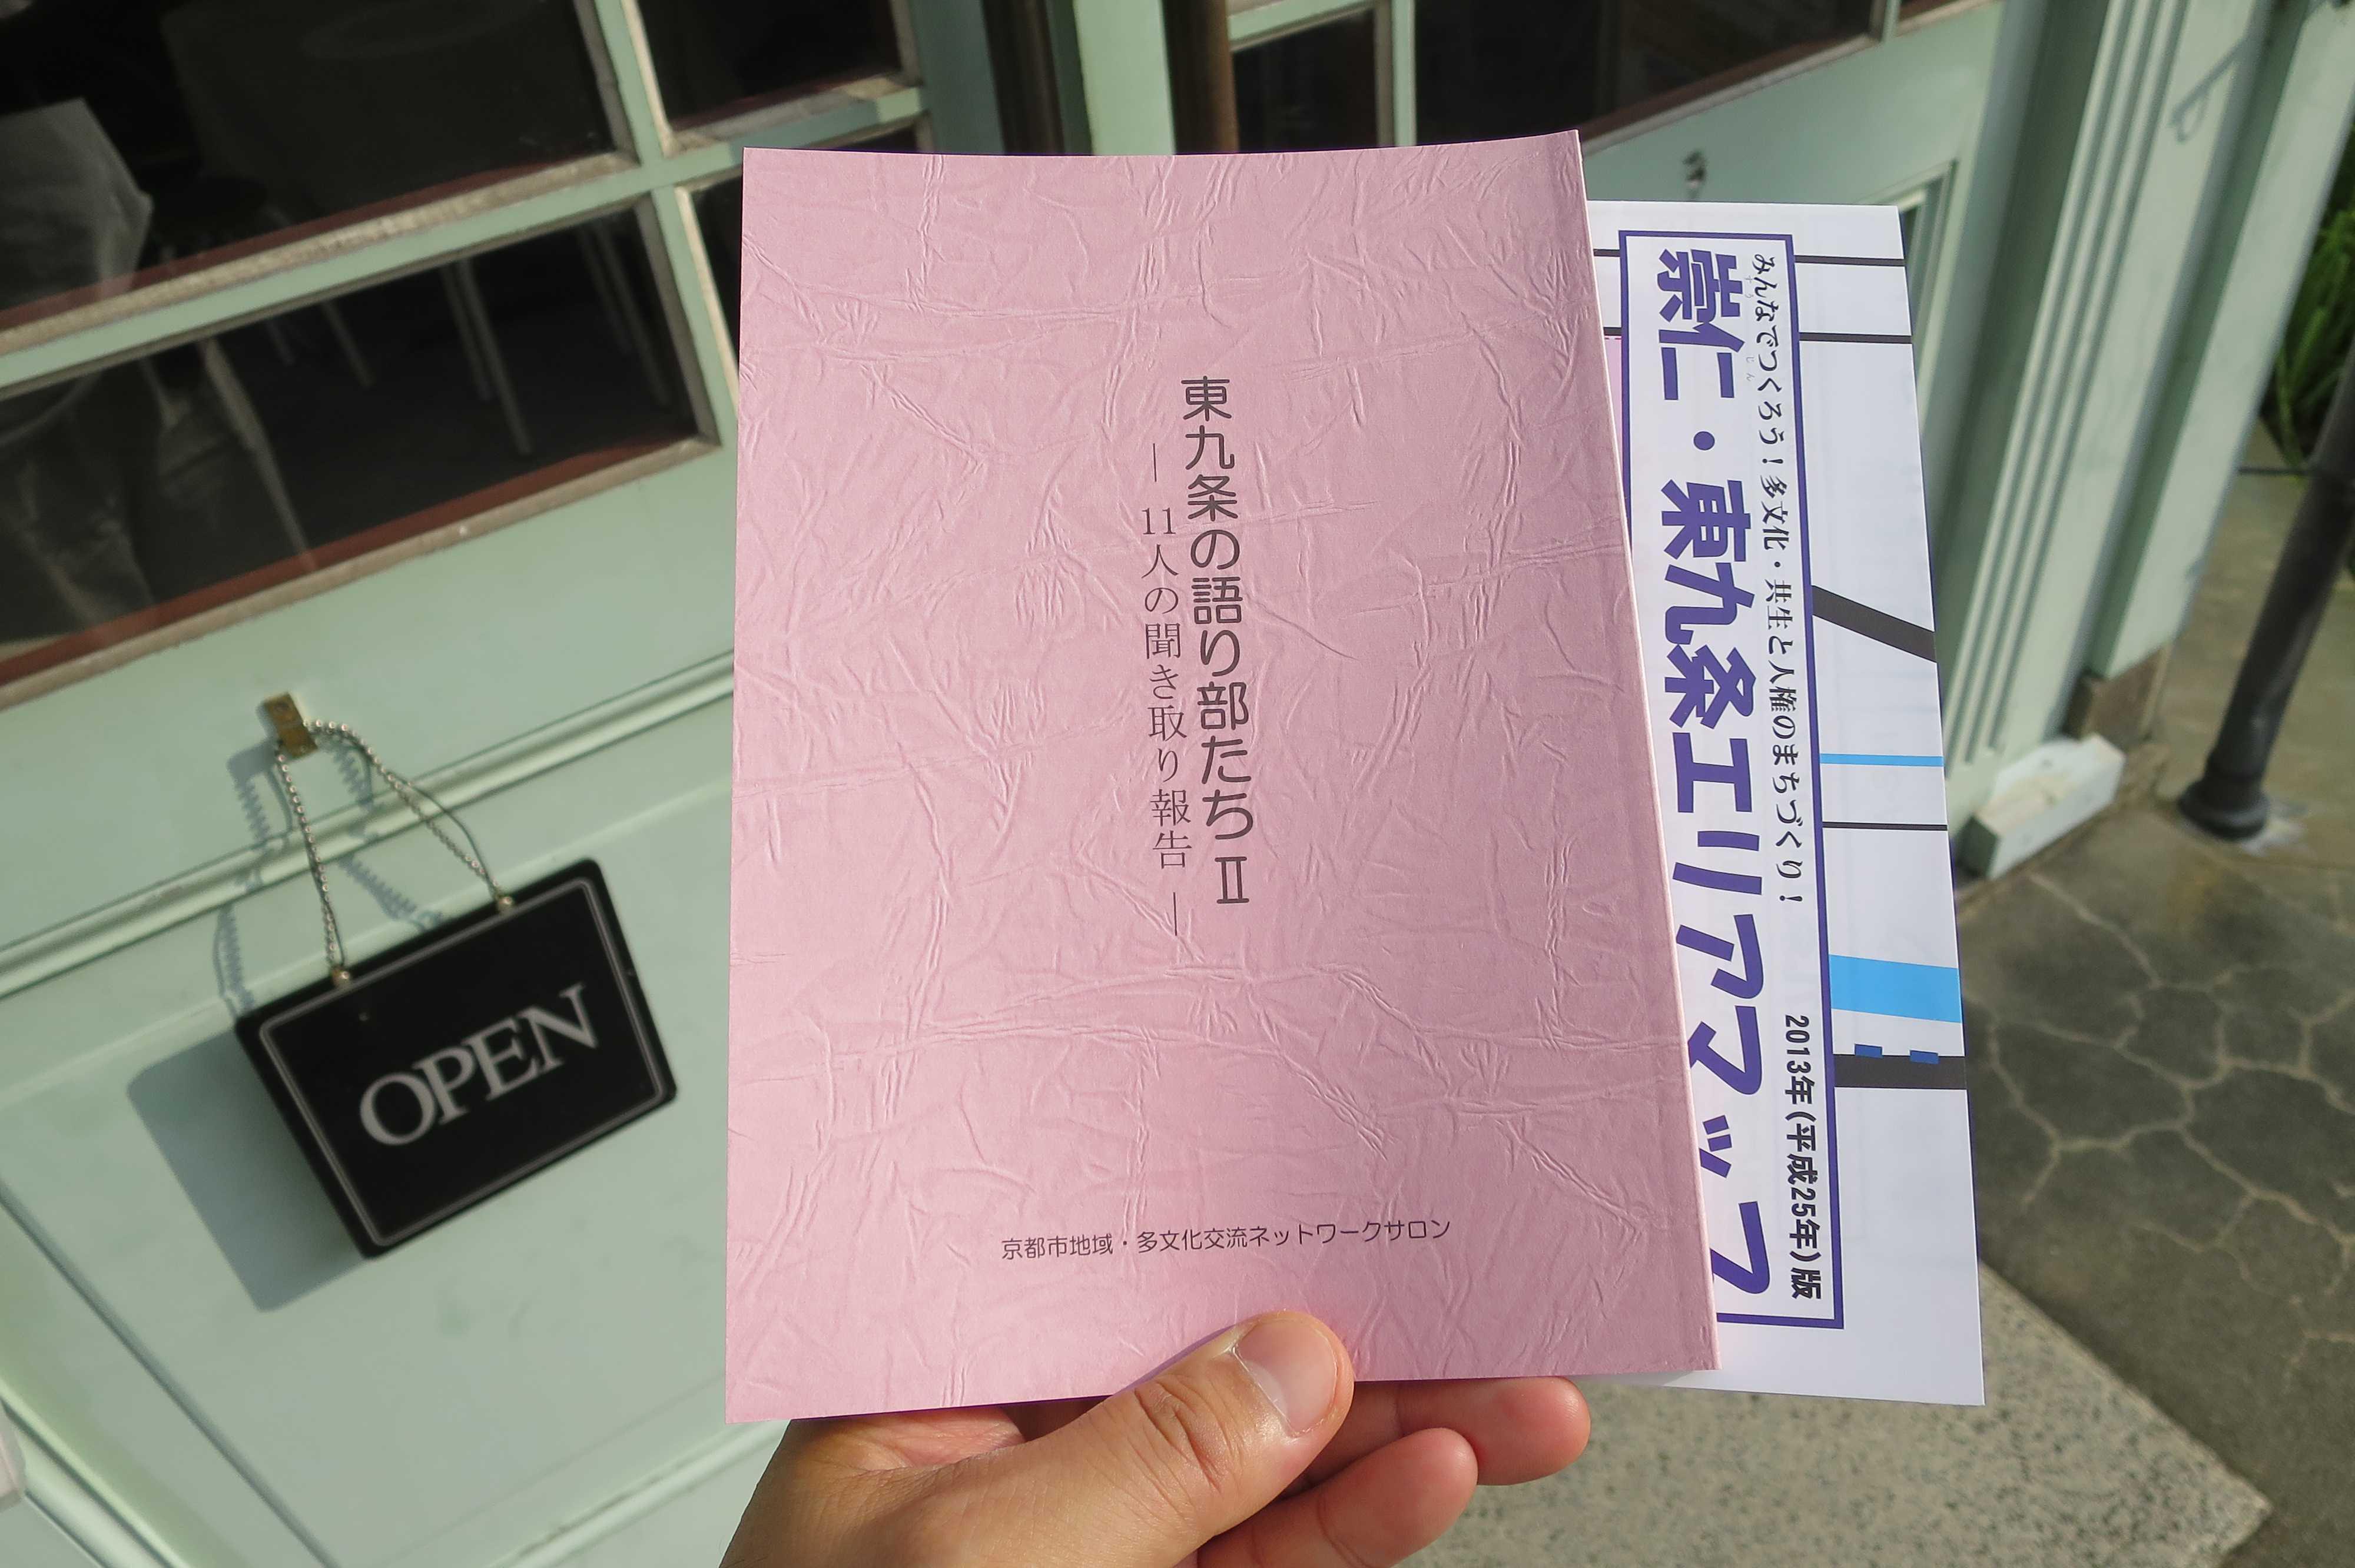 京都・崇仁地区 - 東九条の語り部たちⅡ  -11人の聞き取り報告-